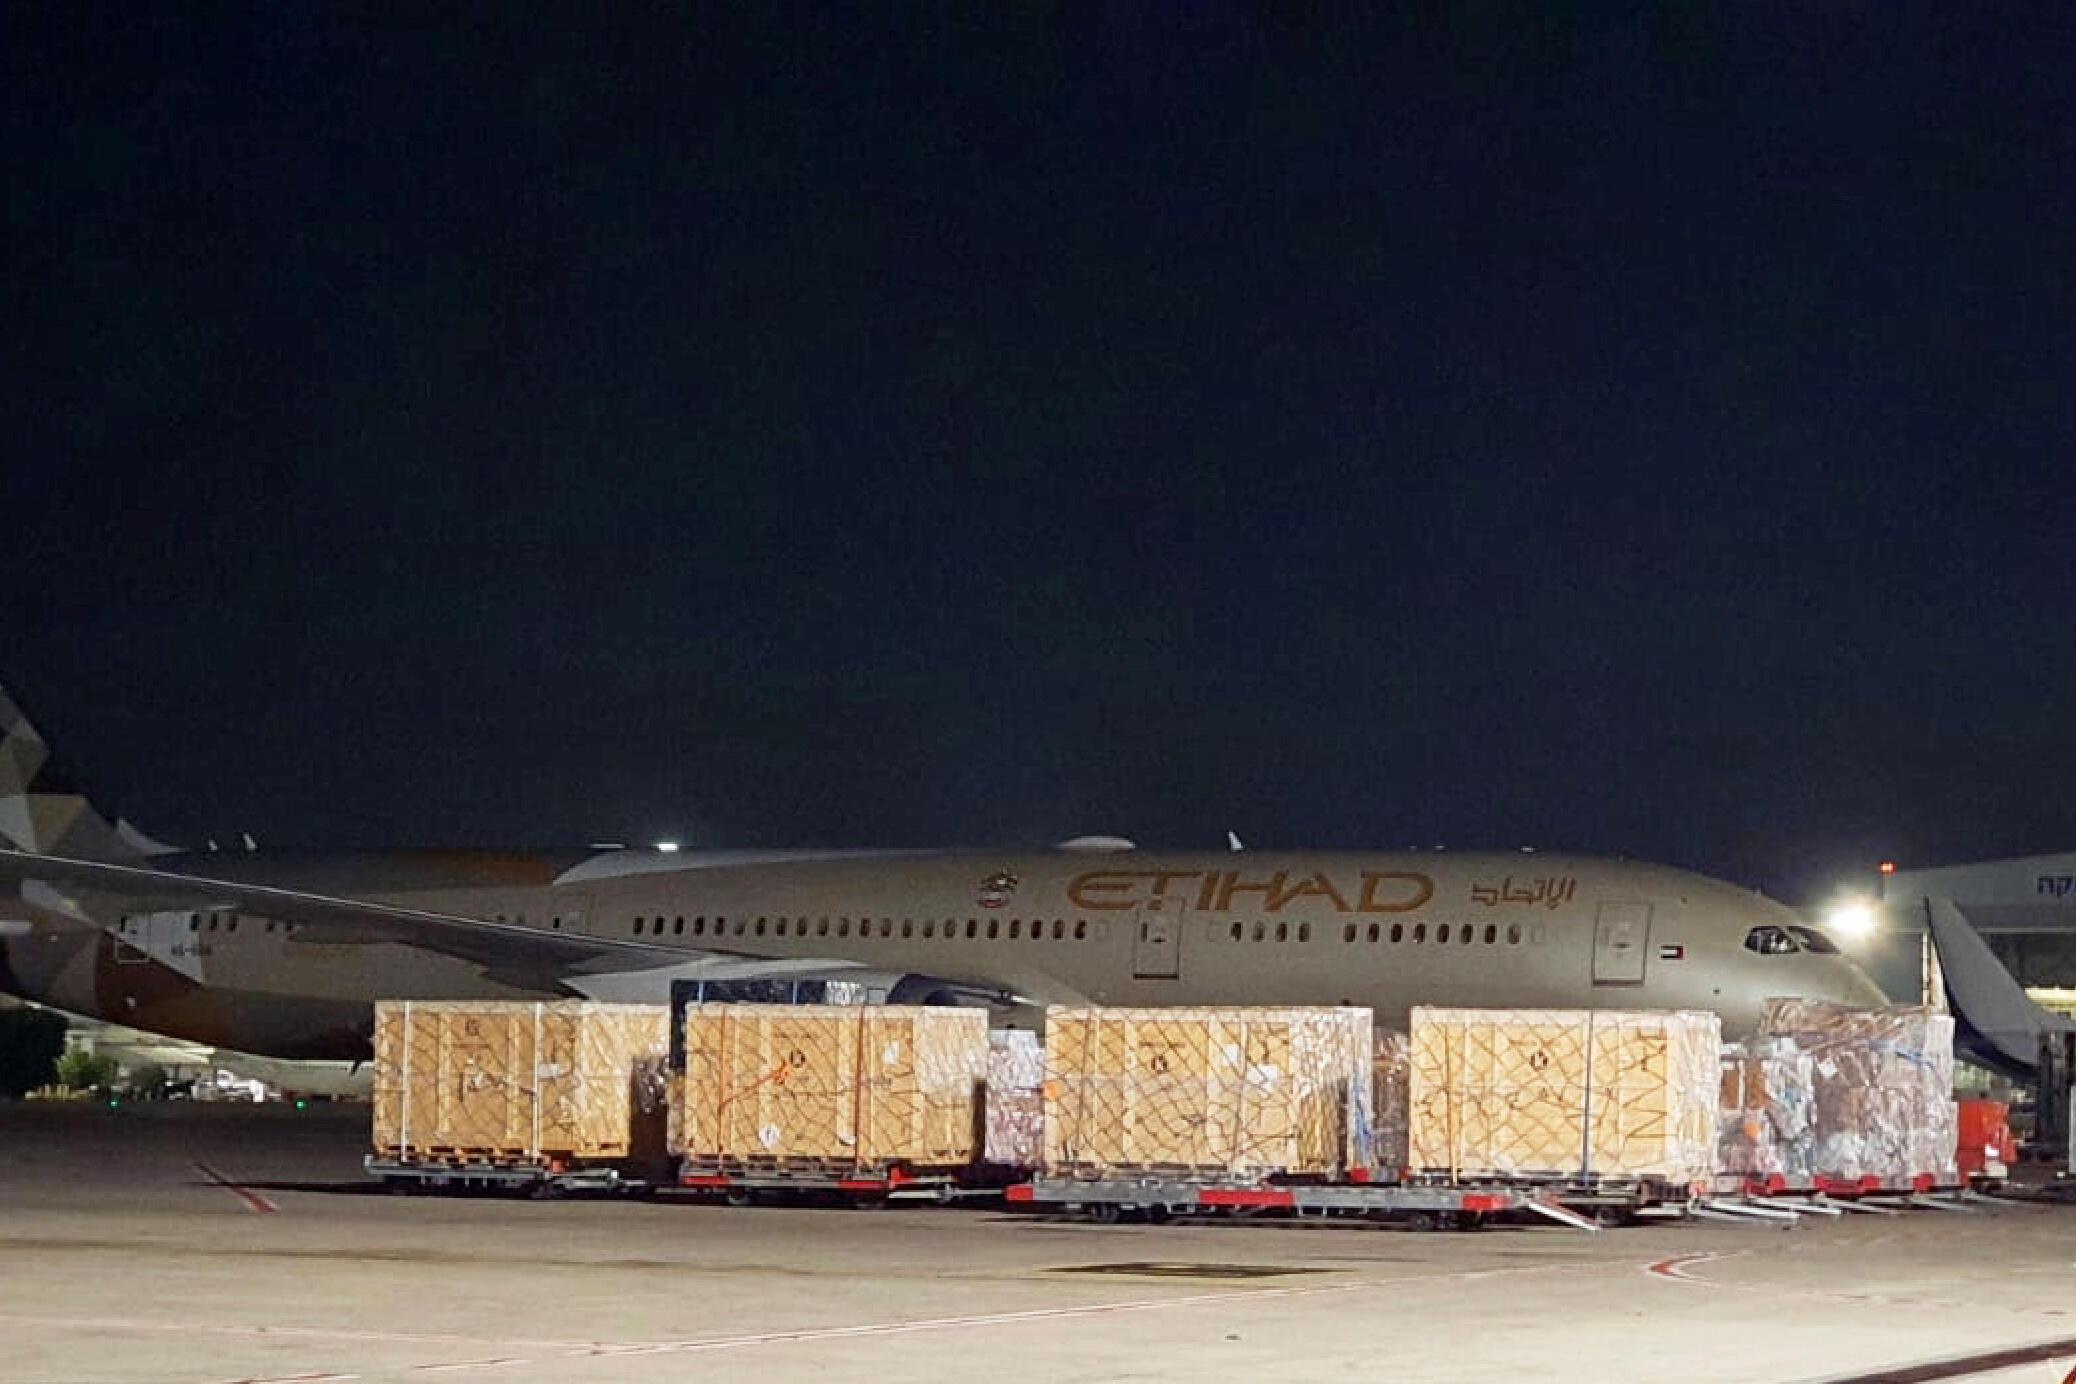 Un avion des Émirats arabes unis a atterri à l'aéroport de Tel Aviv, transportant de l'aide humanitaire pour aider les Palestiniens à surmonter la crise du coronavirus.